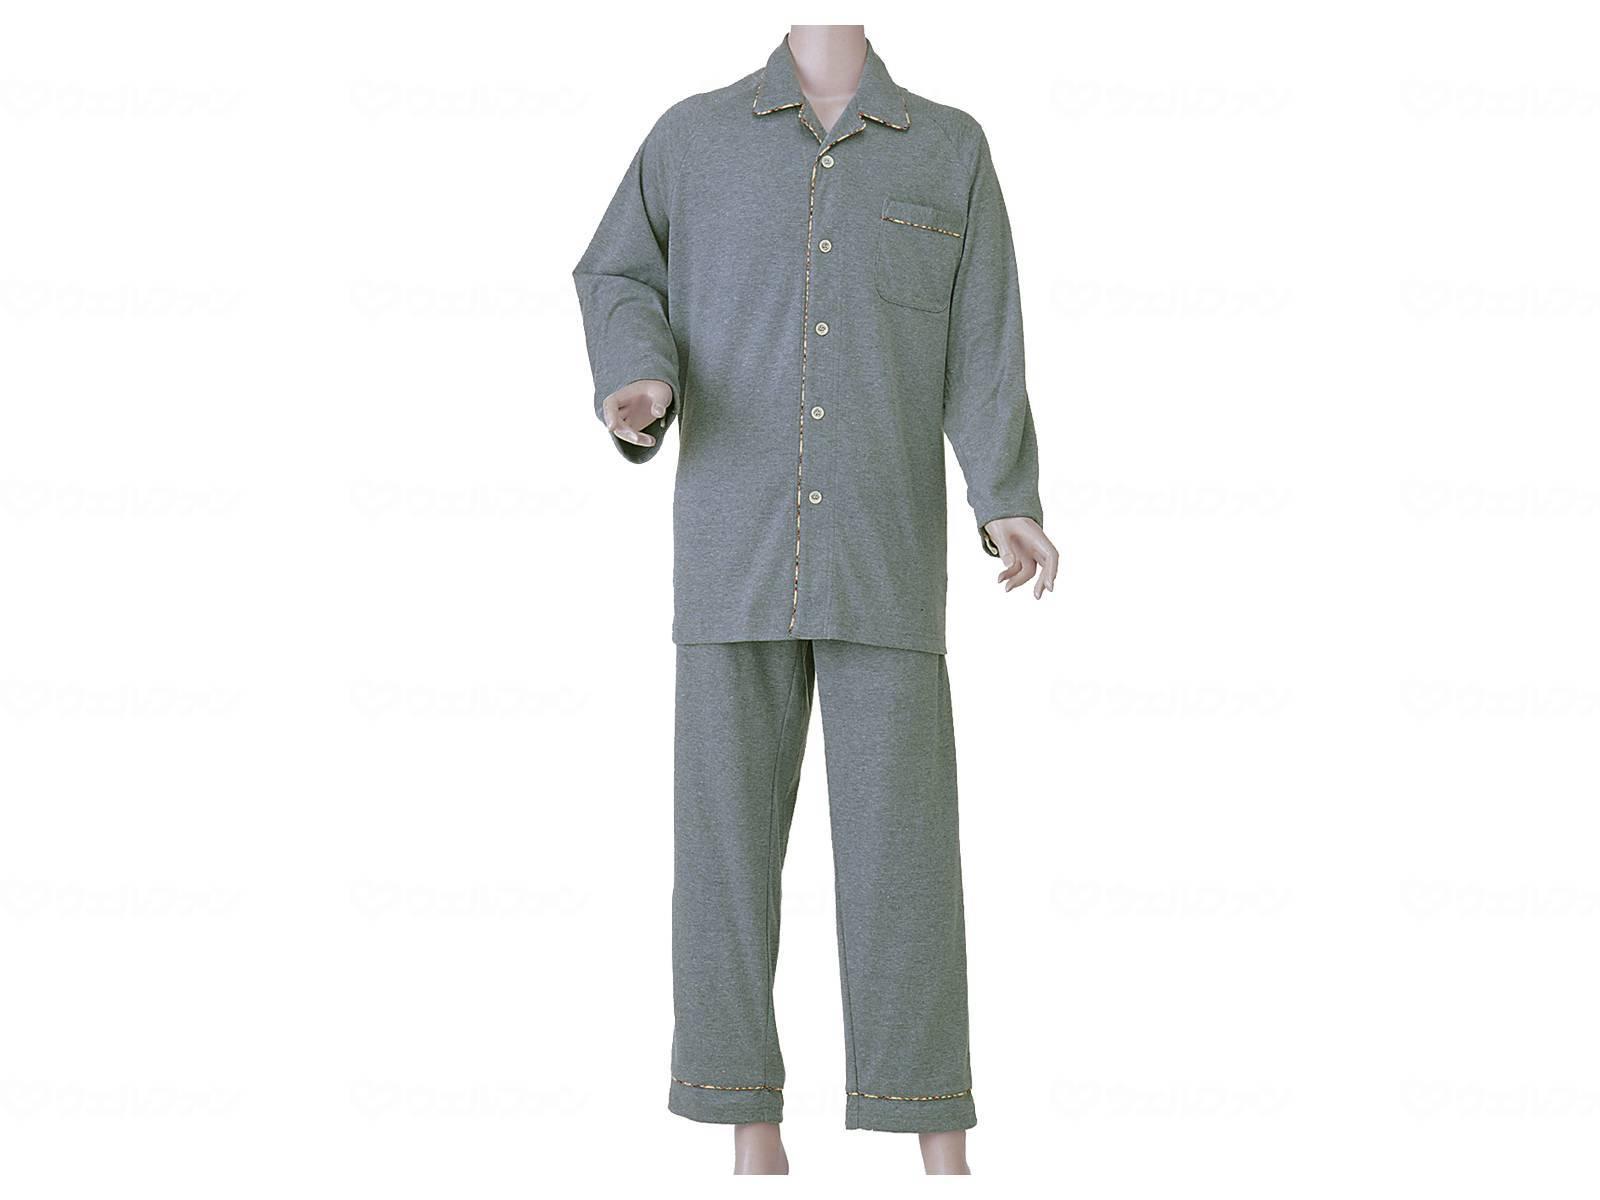 紳士楽らくパジャマ(スムース)の画像